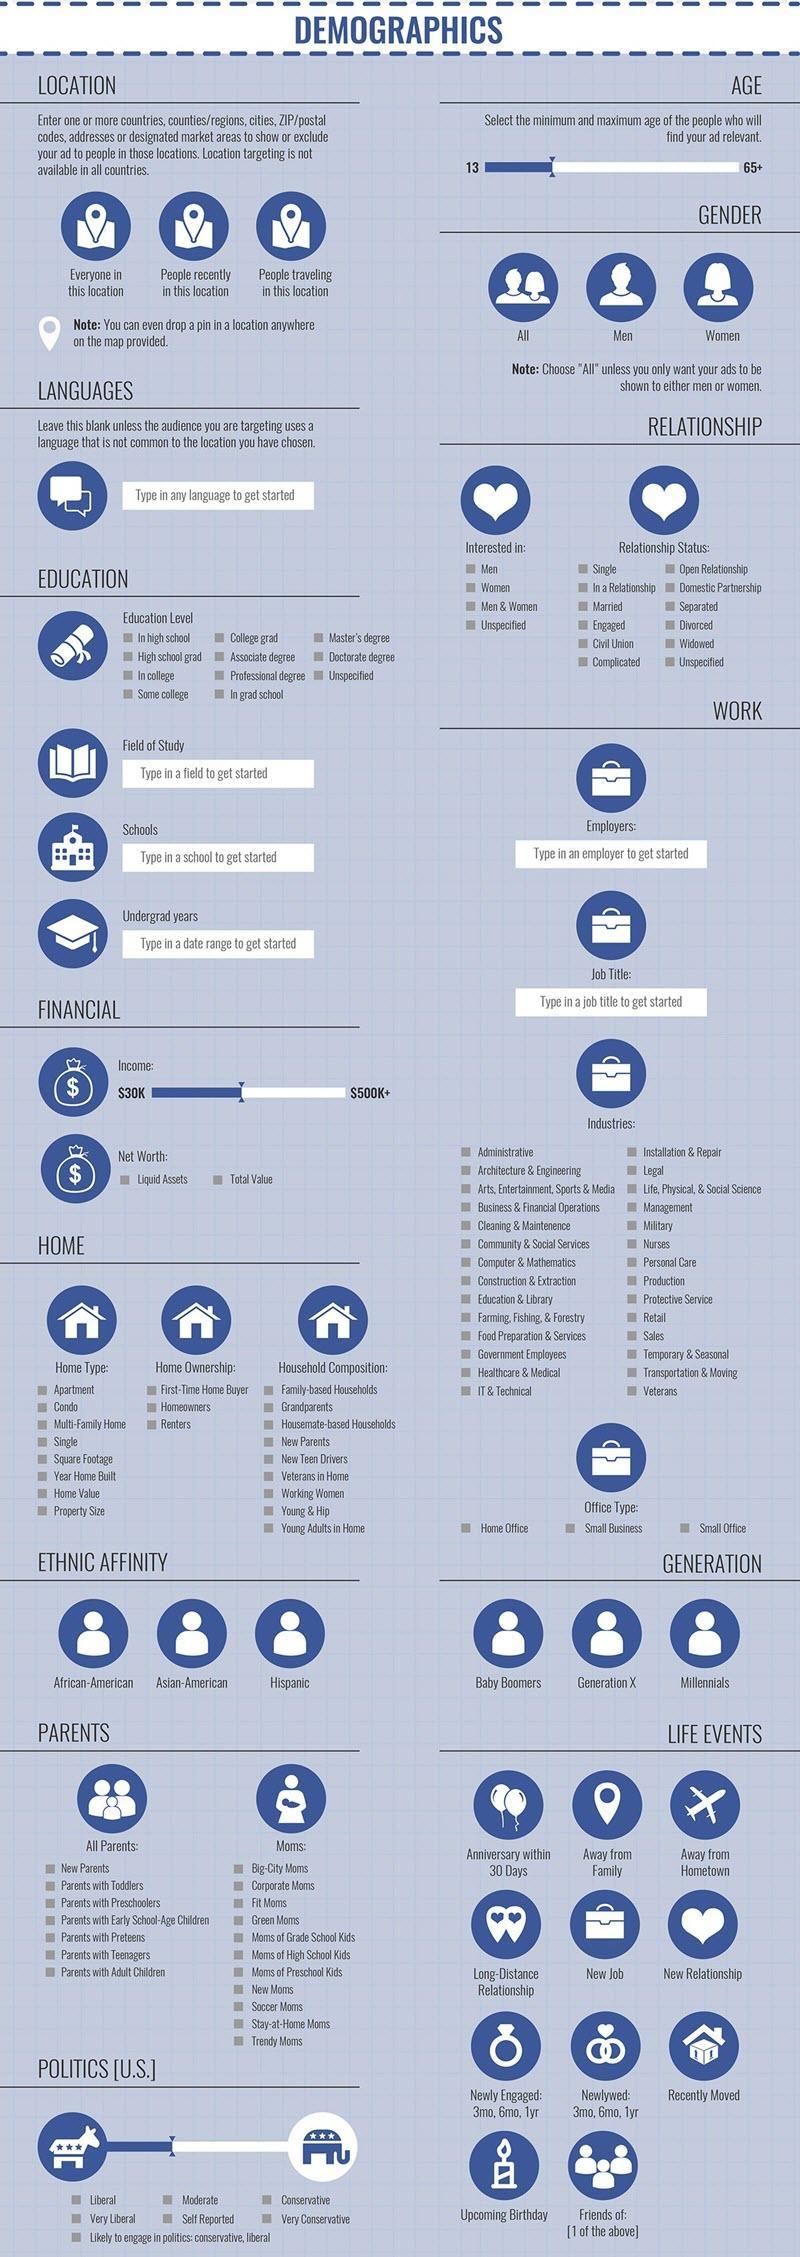 orientación demográfica de publicidad en Facebook